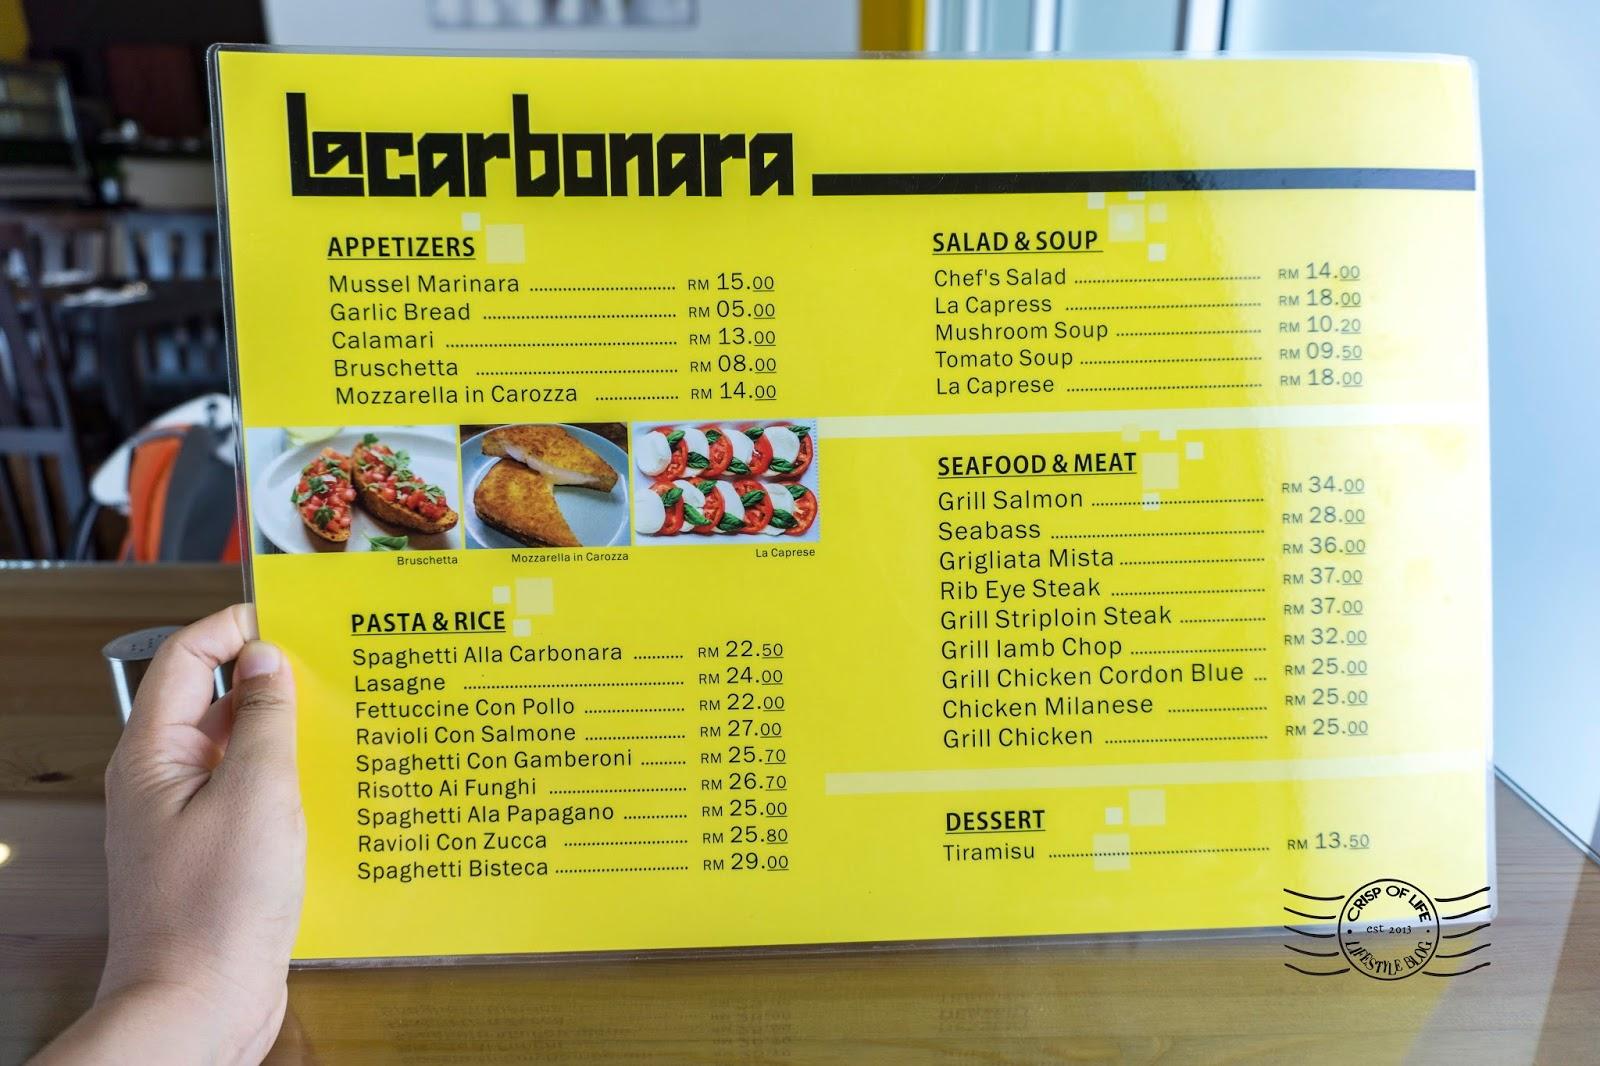 Lacarbonara Italian & Western Cuisine @ Arena Curve, Bayan Lepas, Penang